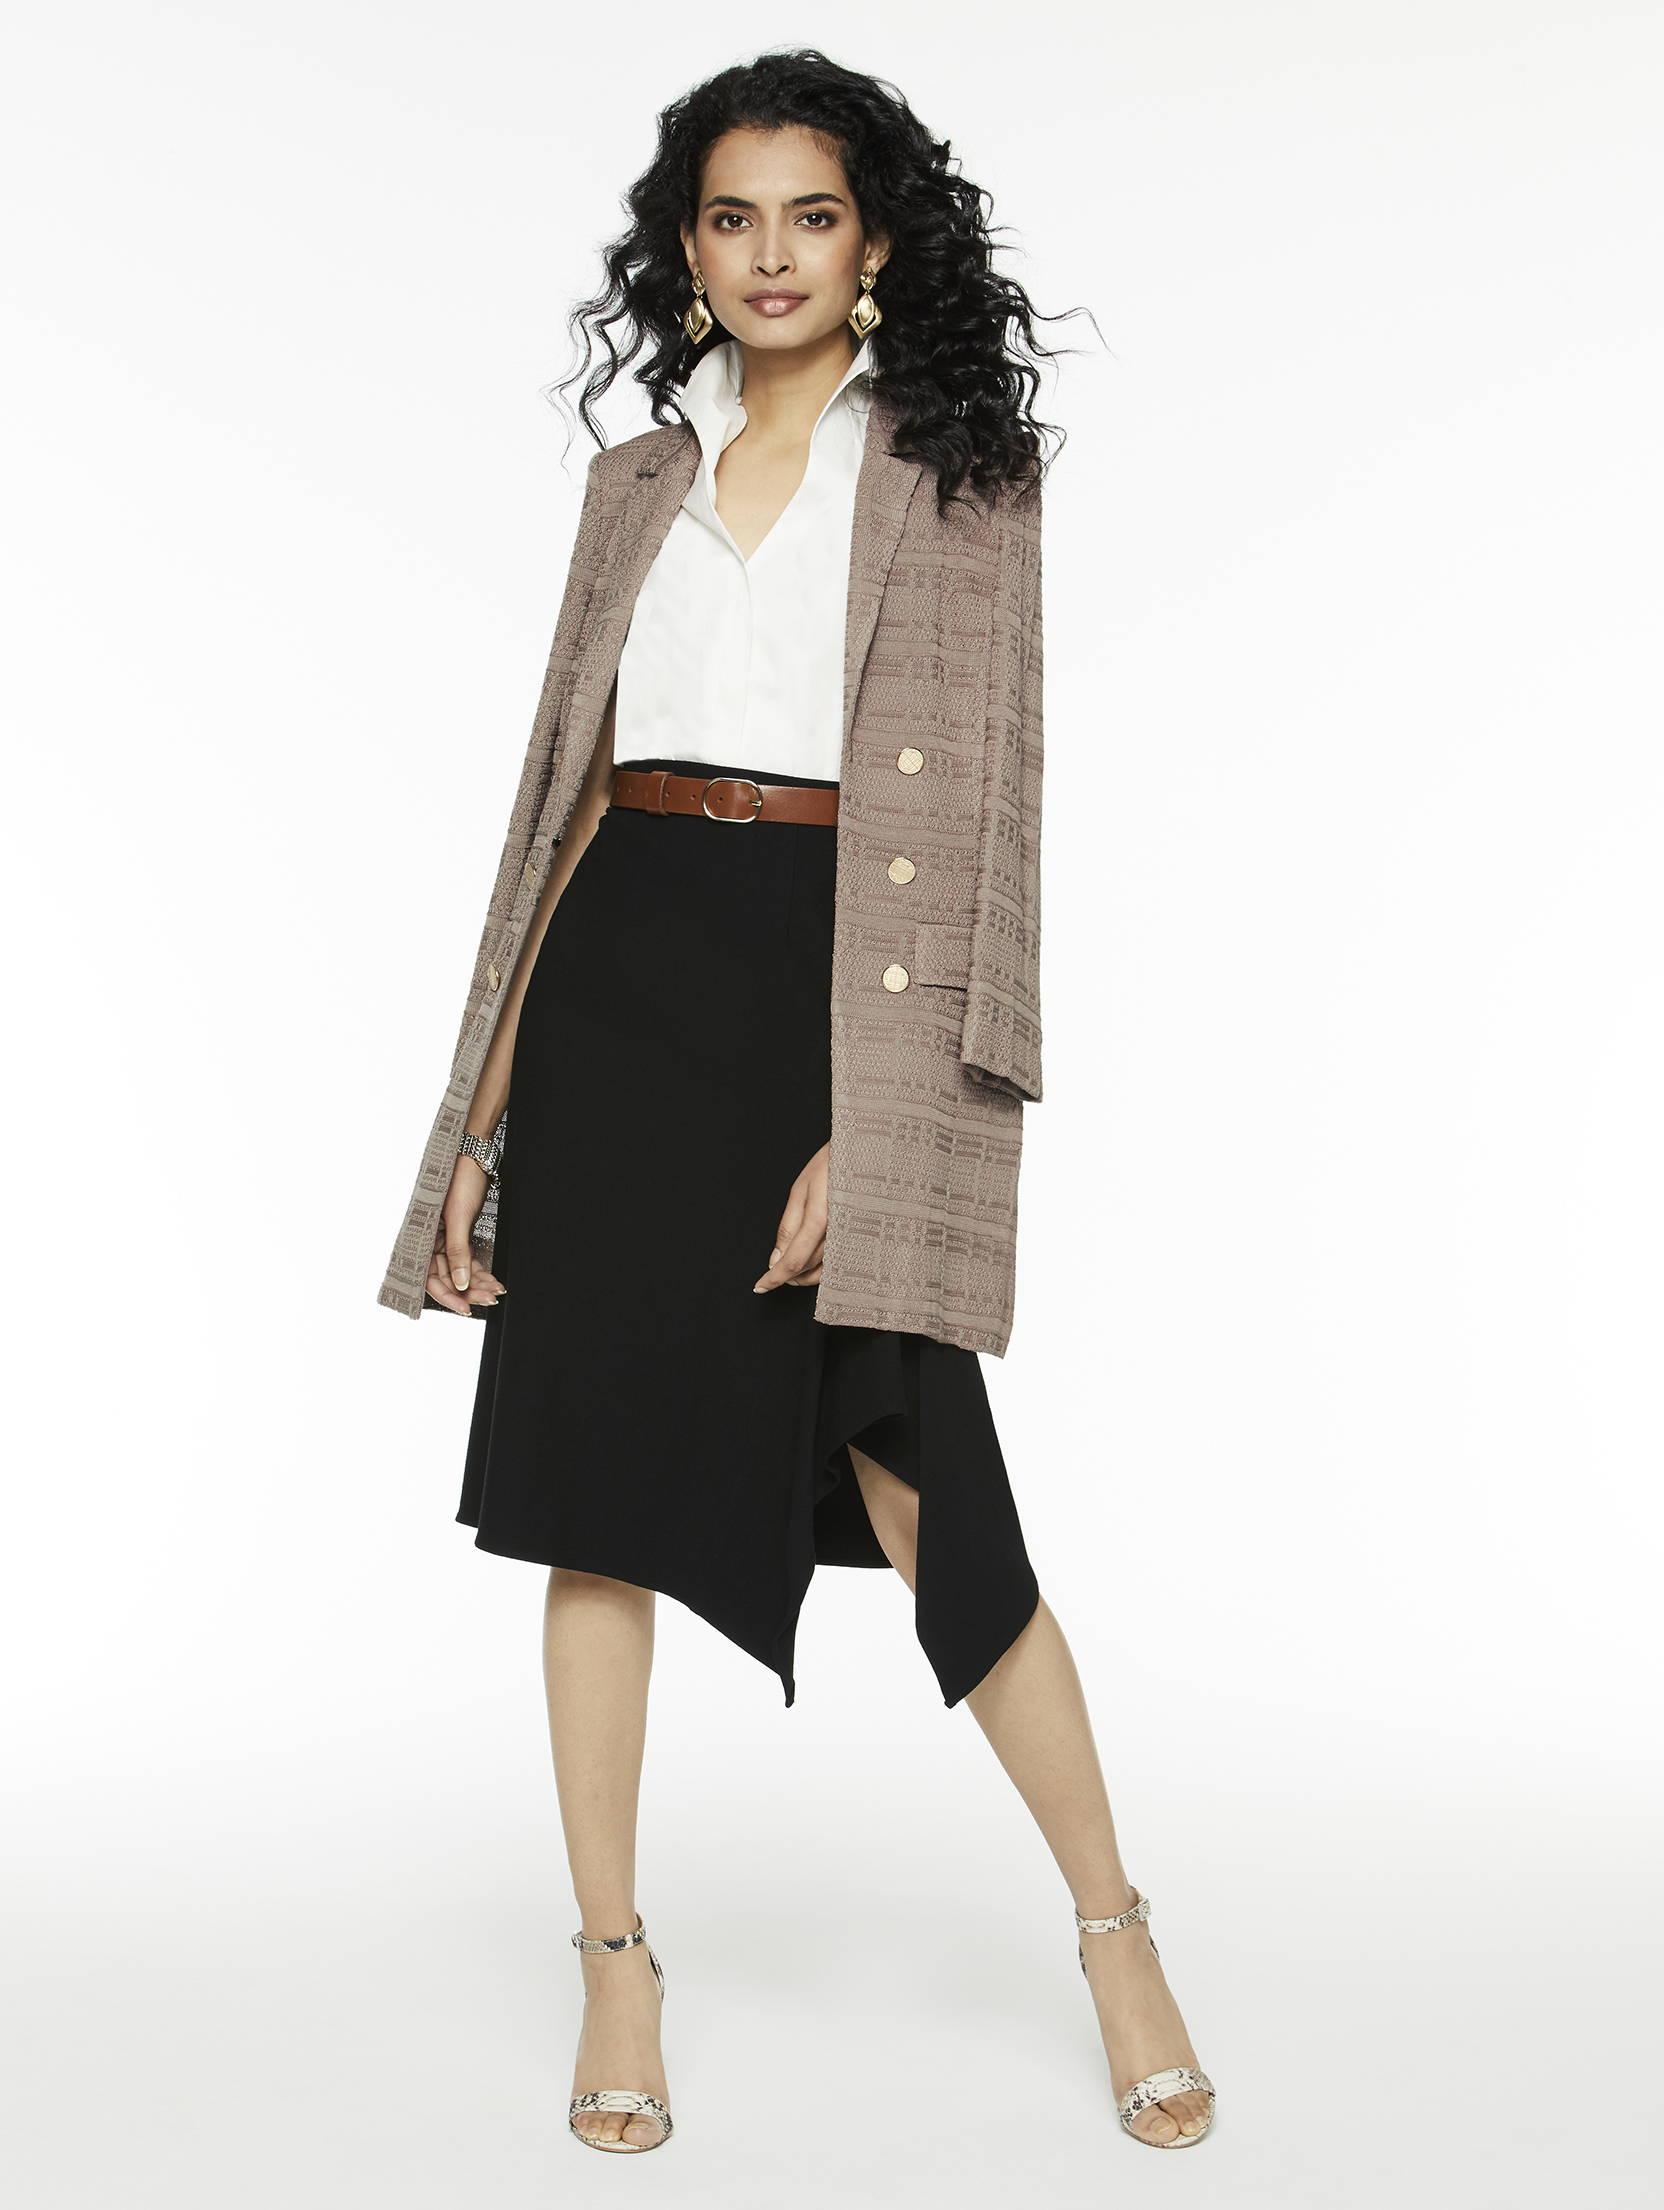 Misook Style Series - Look 1